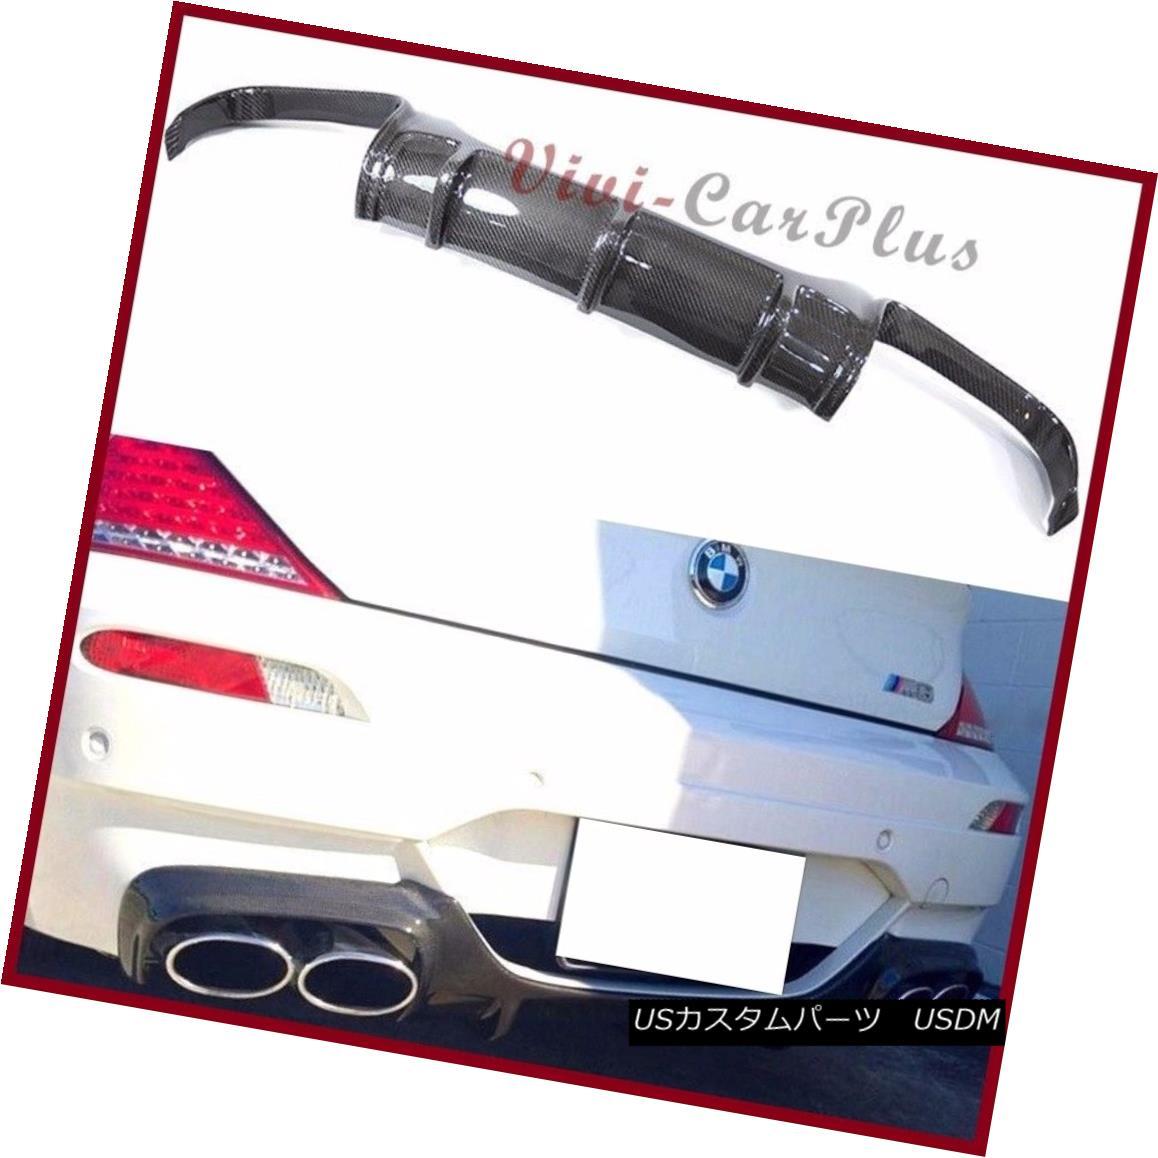 エアロパーツ Carbon Fiber 06-10 BMW E63 E64 M6 Coupe Convertible V Type Add On Rear Diffuser カーボンファイバー06-10 BMW E63 E64 M6クーペコンバーチブルVタイプリアディフューザーを追加